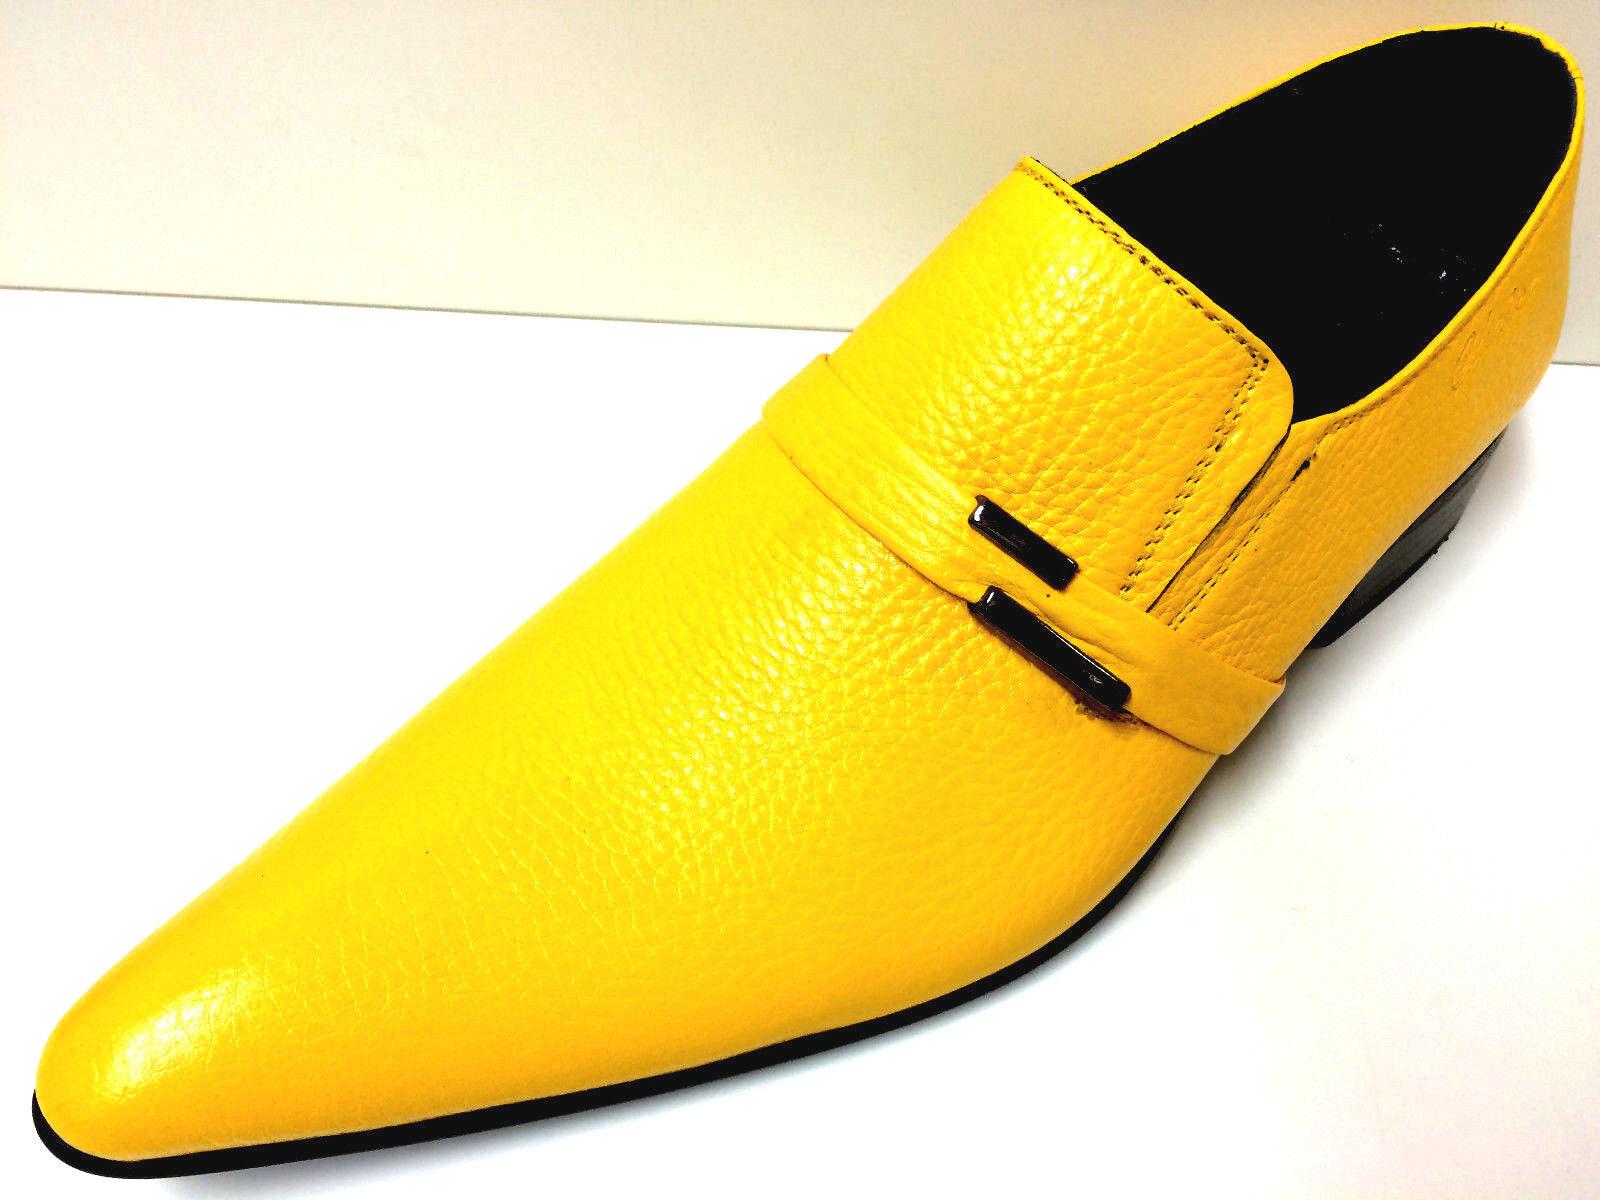 Chelsy GIALLO insoliti in Pelle Slipper Uomo Scarpe Giallo Designer Slipper Pelle interamente a mano 40 28c043